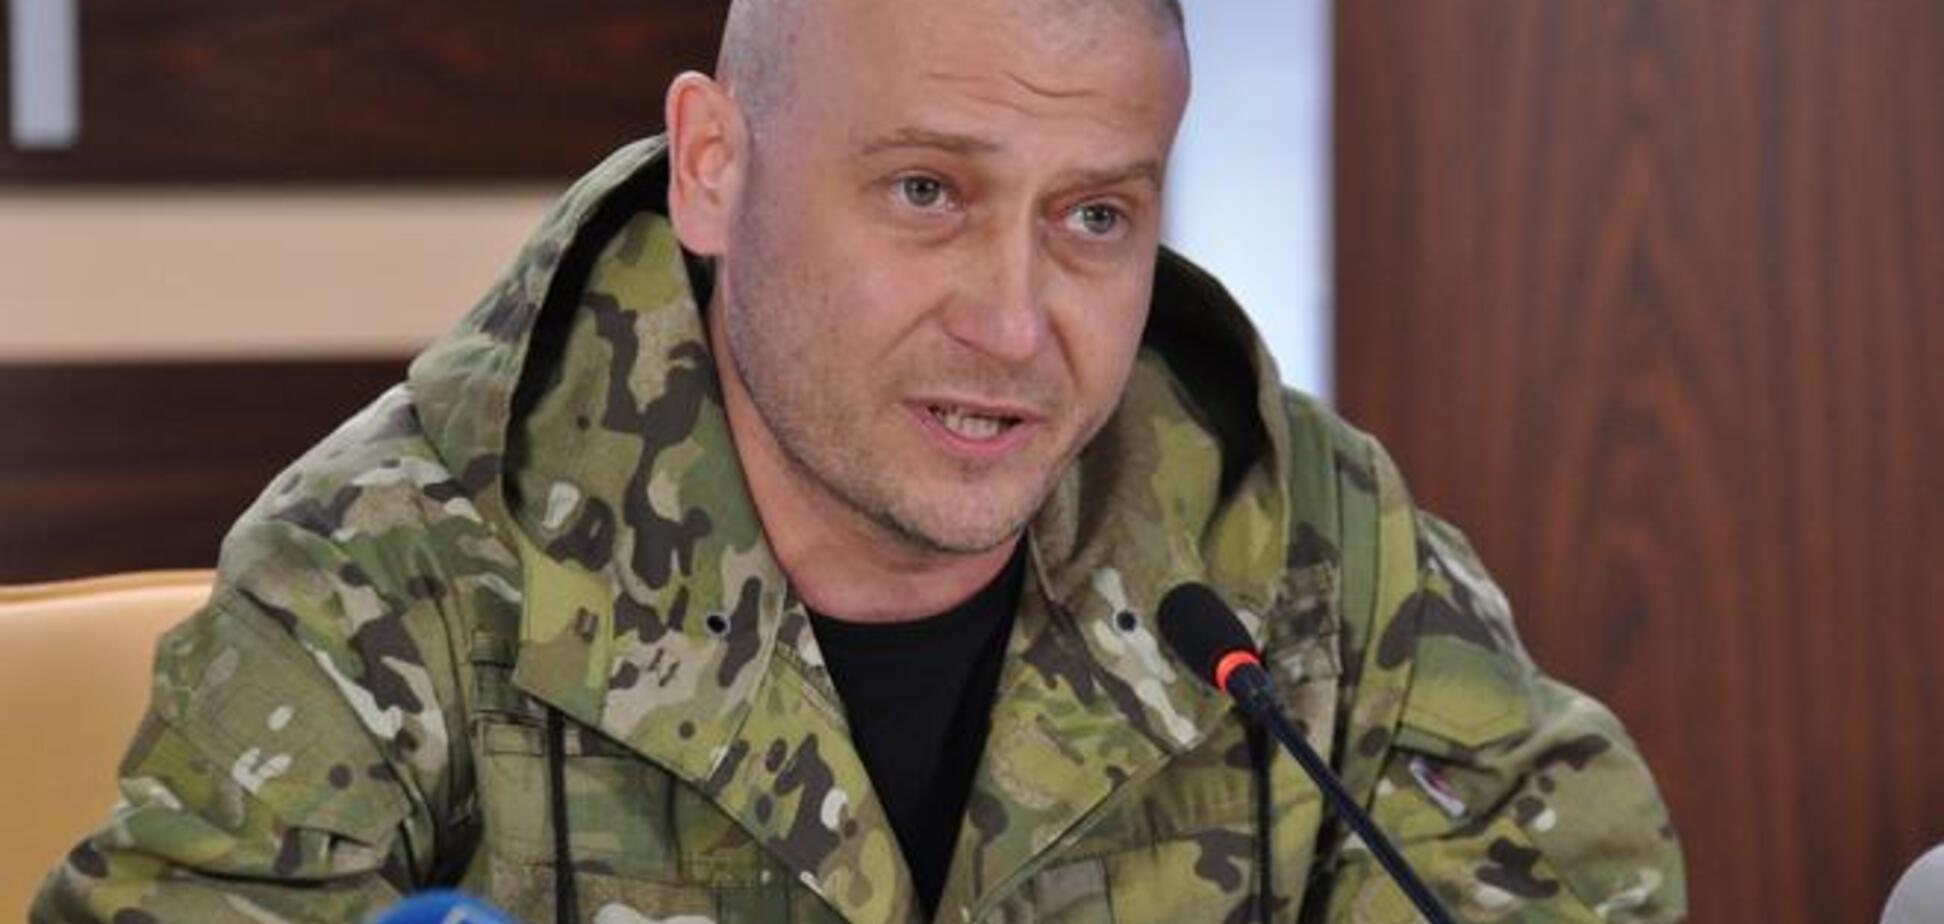 Яроша прооперировали в Днепропетровске: врачи говорят о 'коварном' ранении